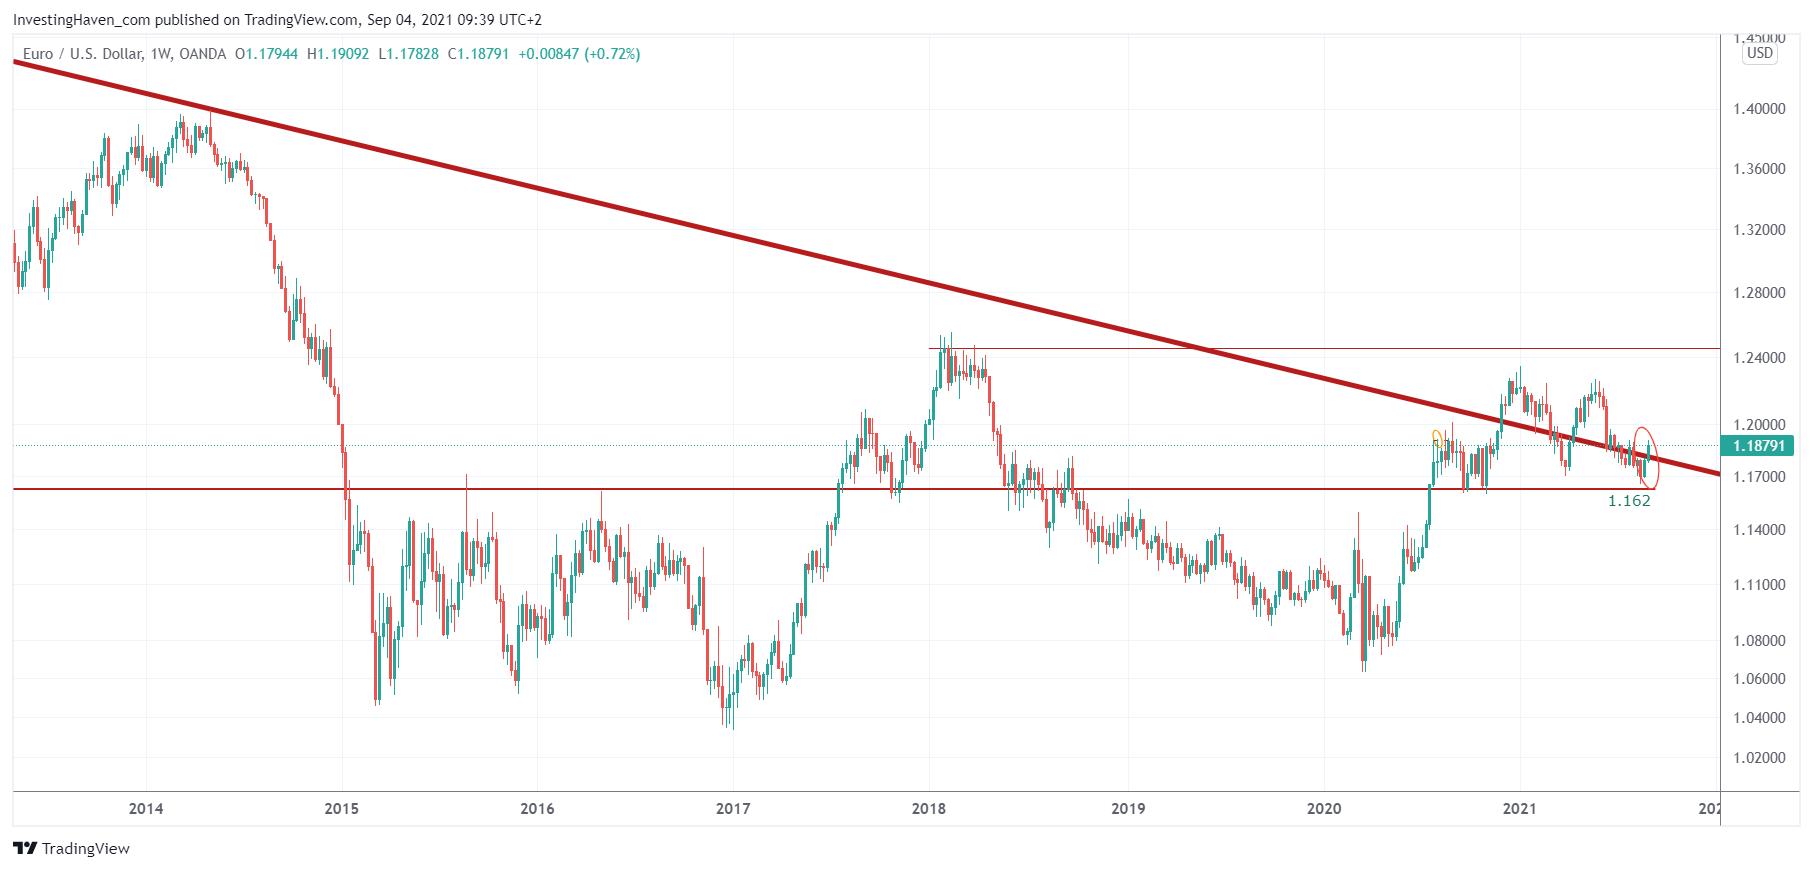 euro leading indicator